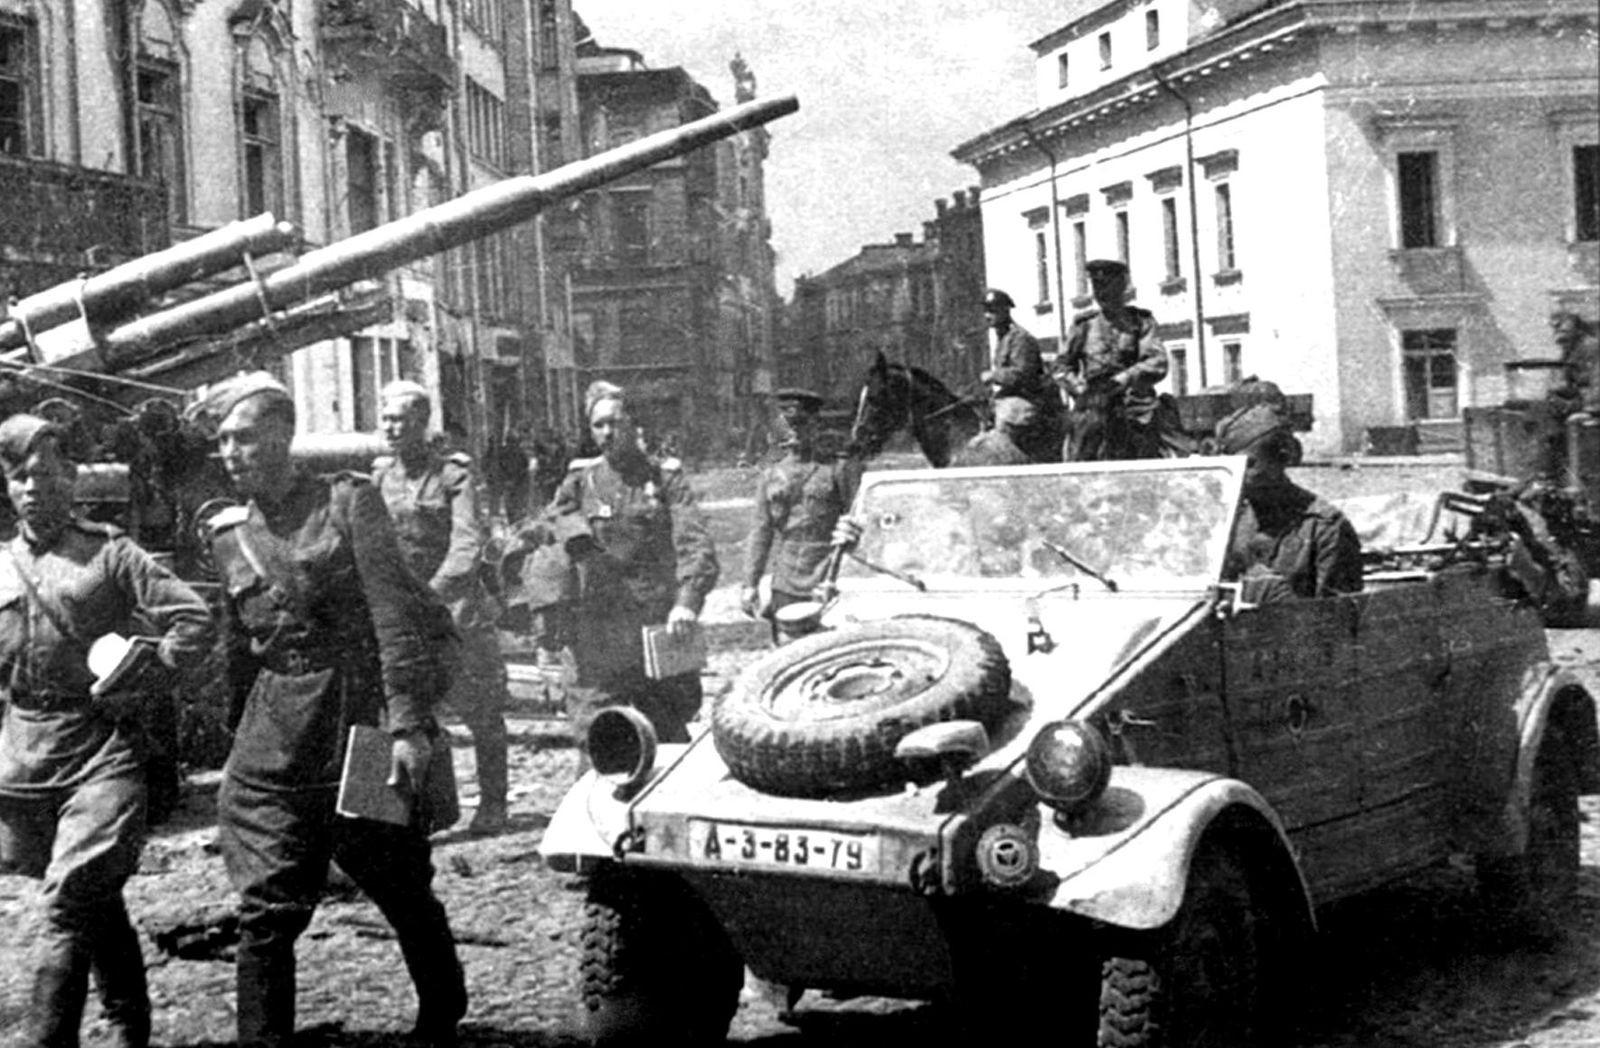 Кюбельвагены: армейские внедорожники Вермахта от BMW, Mercedes-Benz, VW и не только